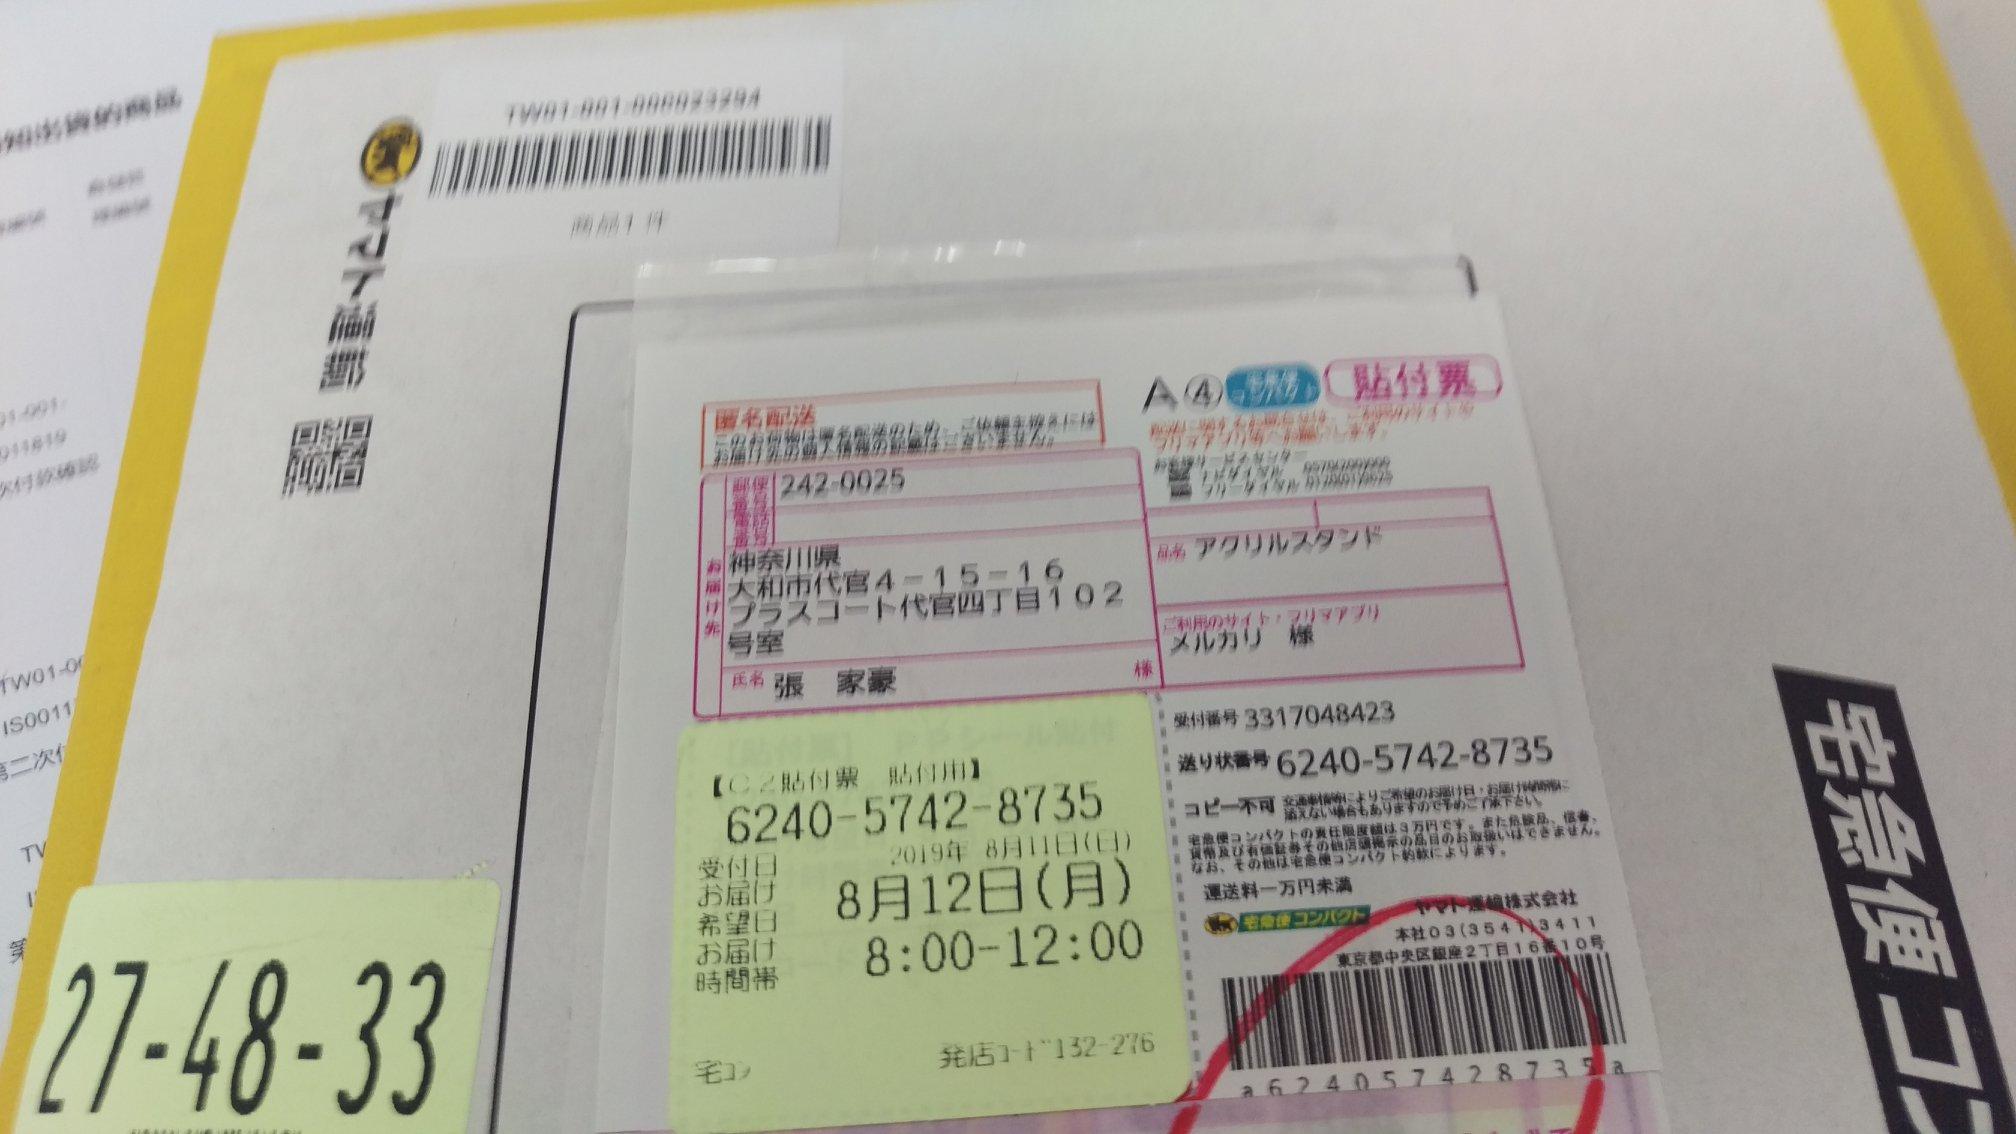 日本黑貓寄送裝在專用紙盒